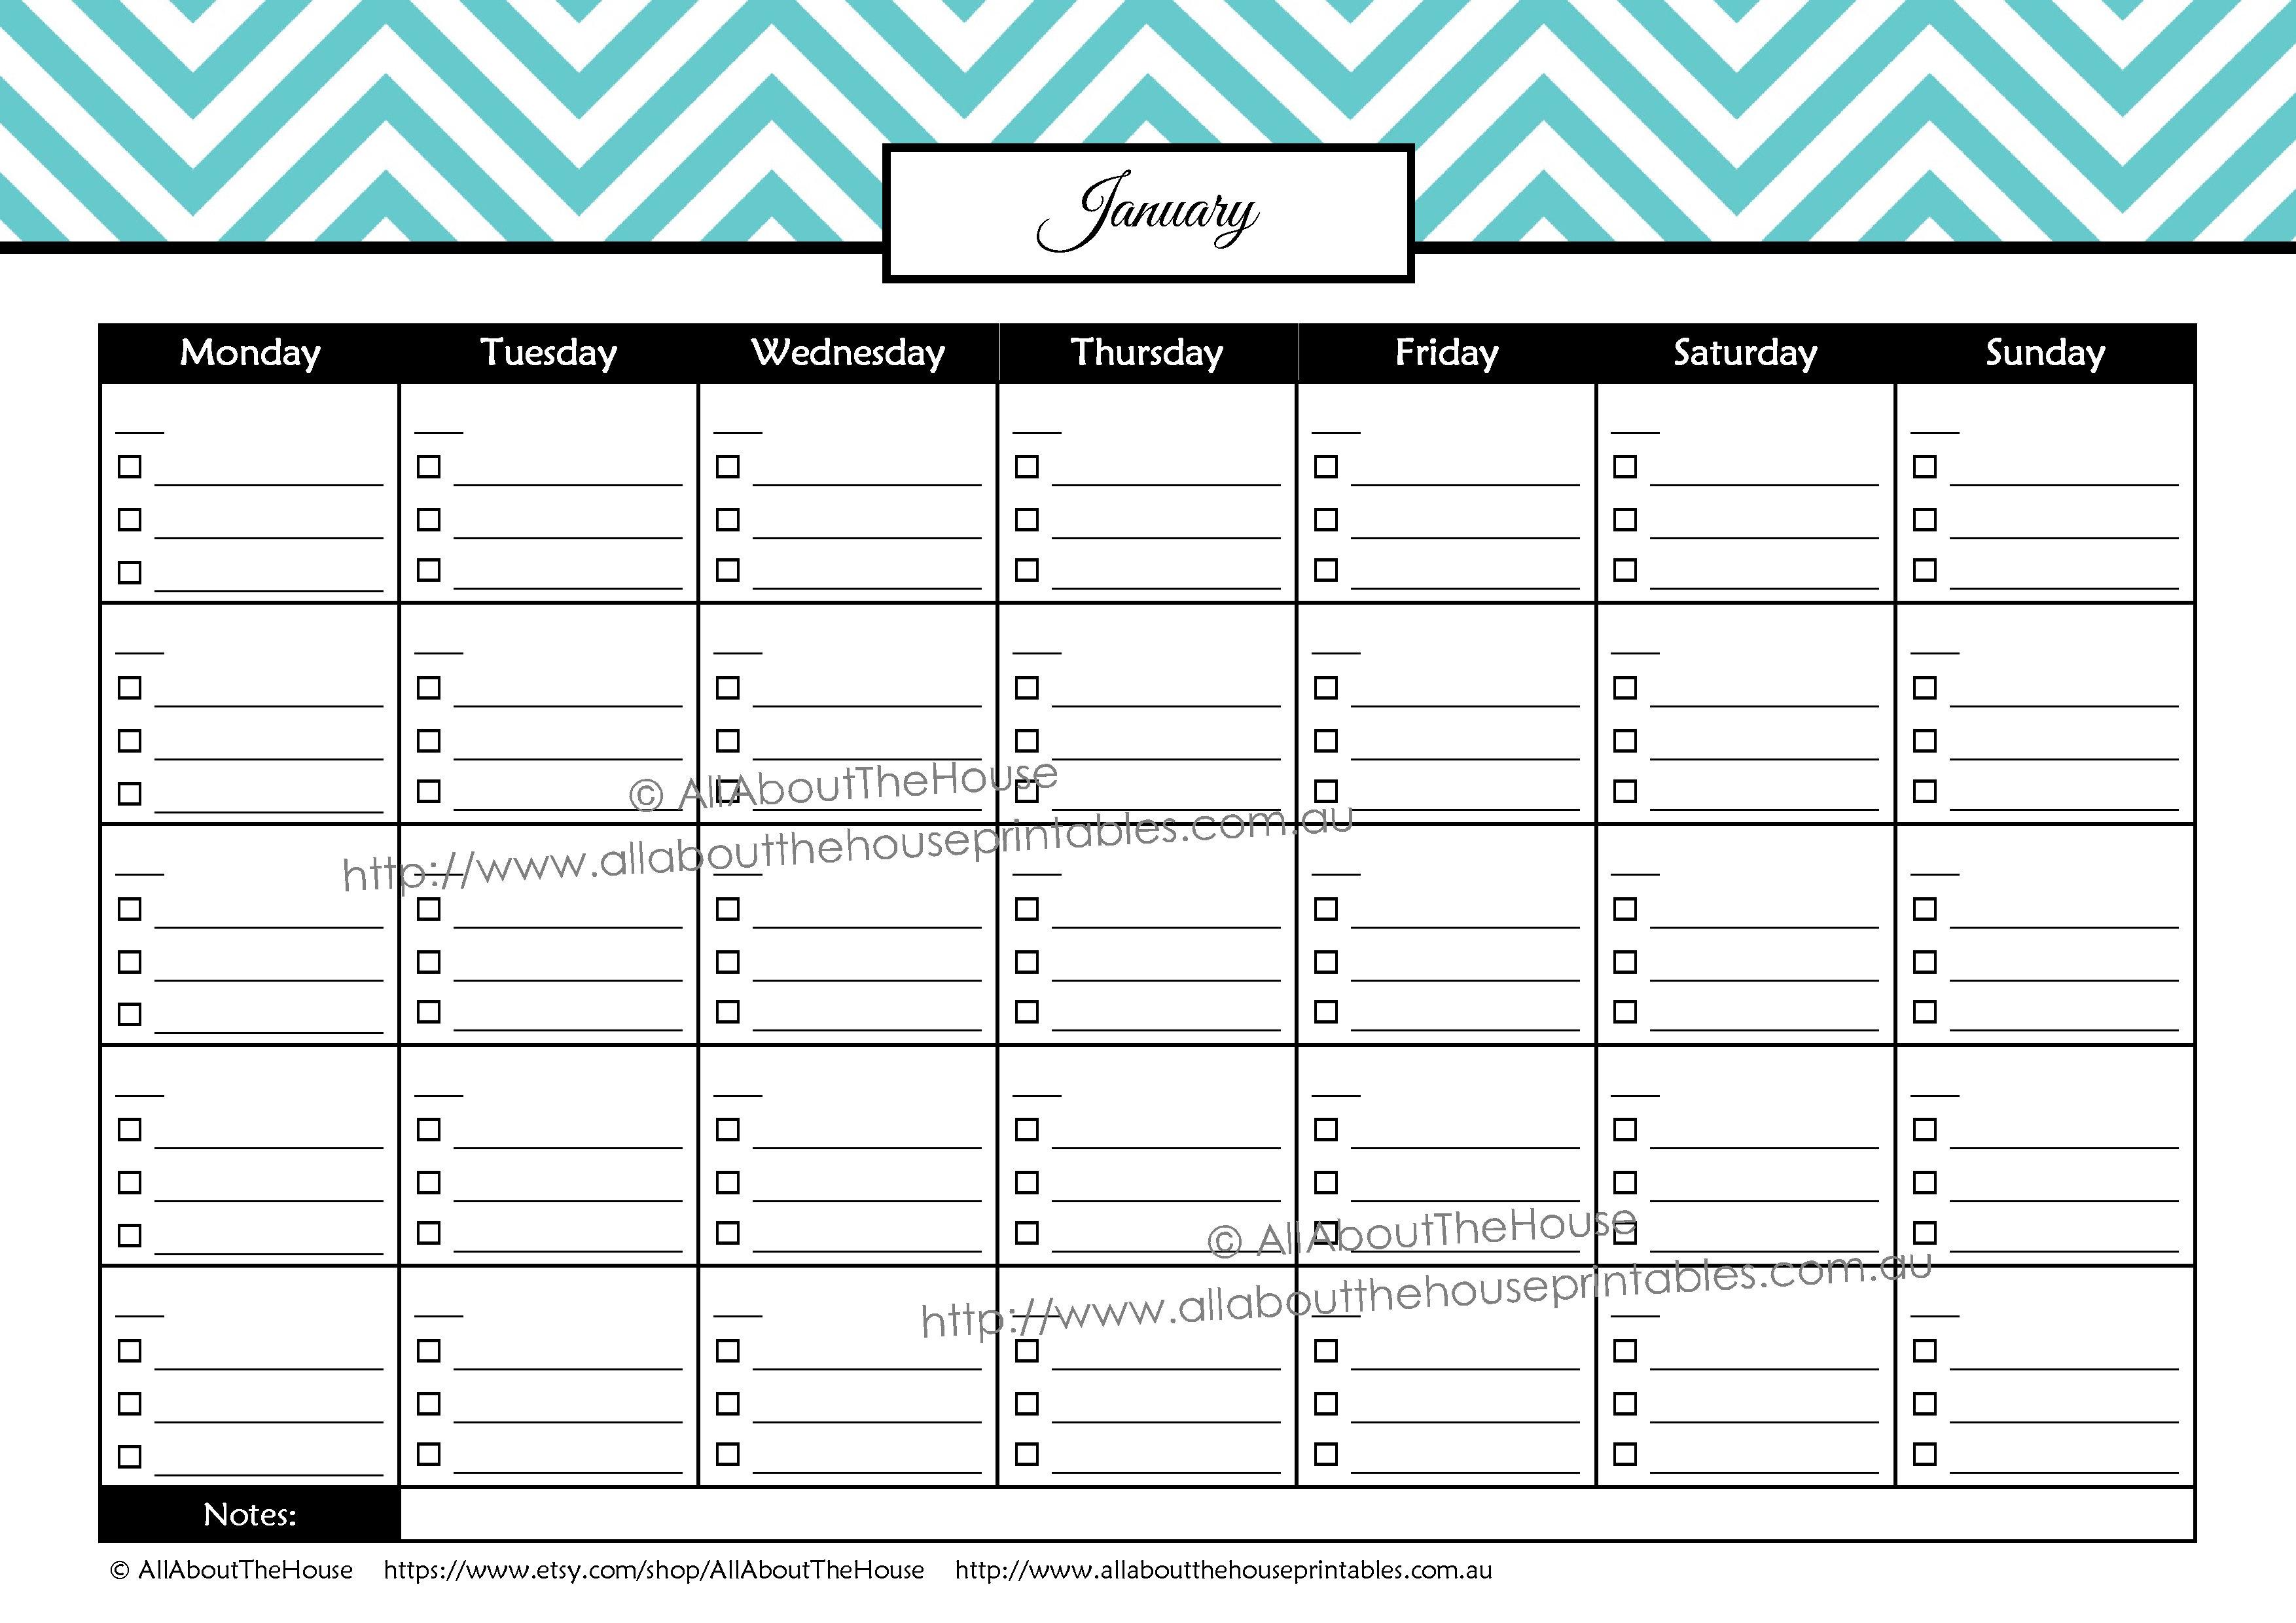 026 Template Ideas Paid Bill Payment Calendar Checklist regarding Free Printable Bill Payment Schedule